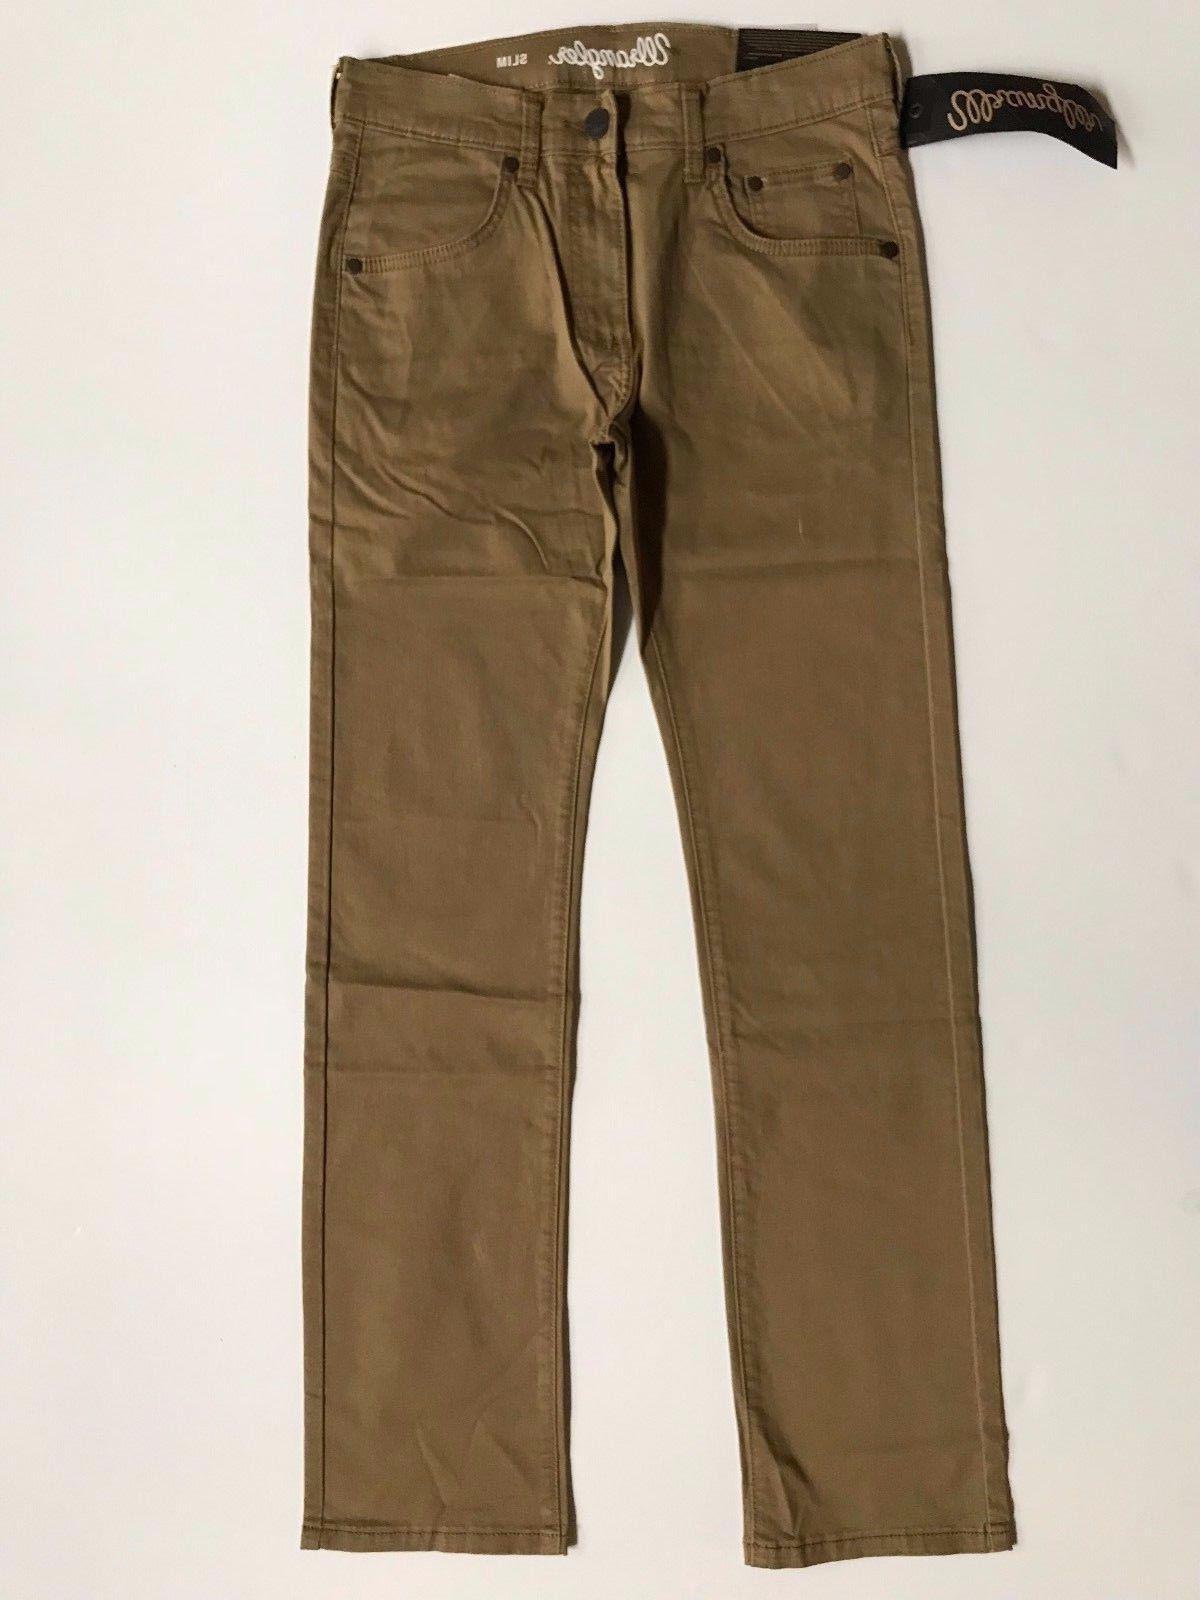 NWT Wrangler Men's Slim Denim Pants Size